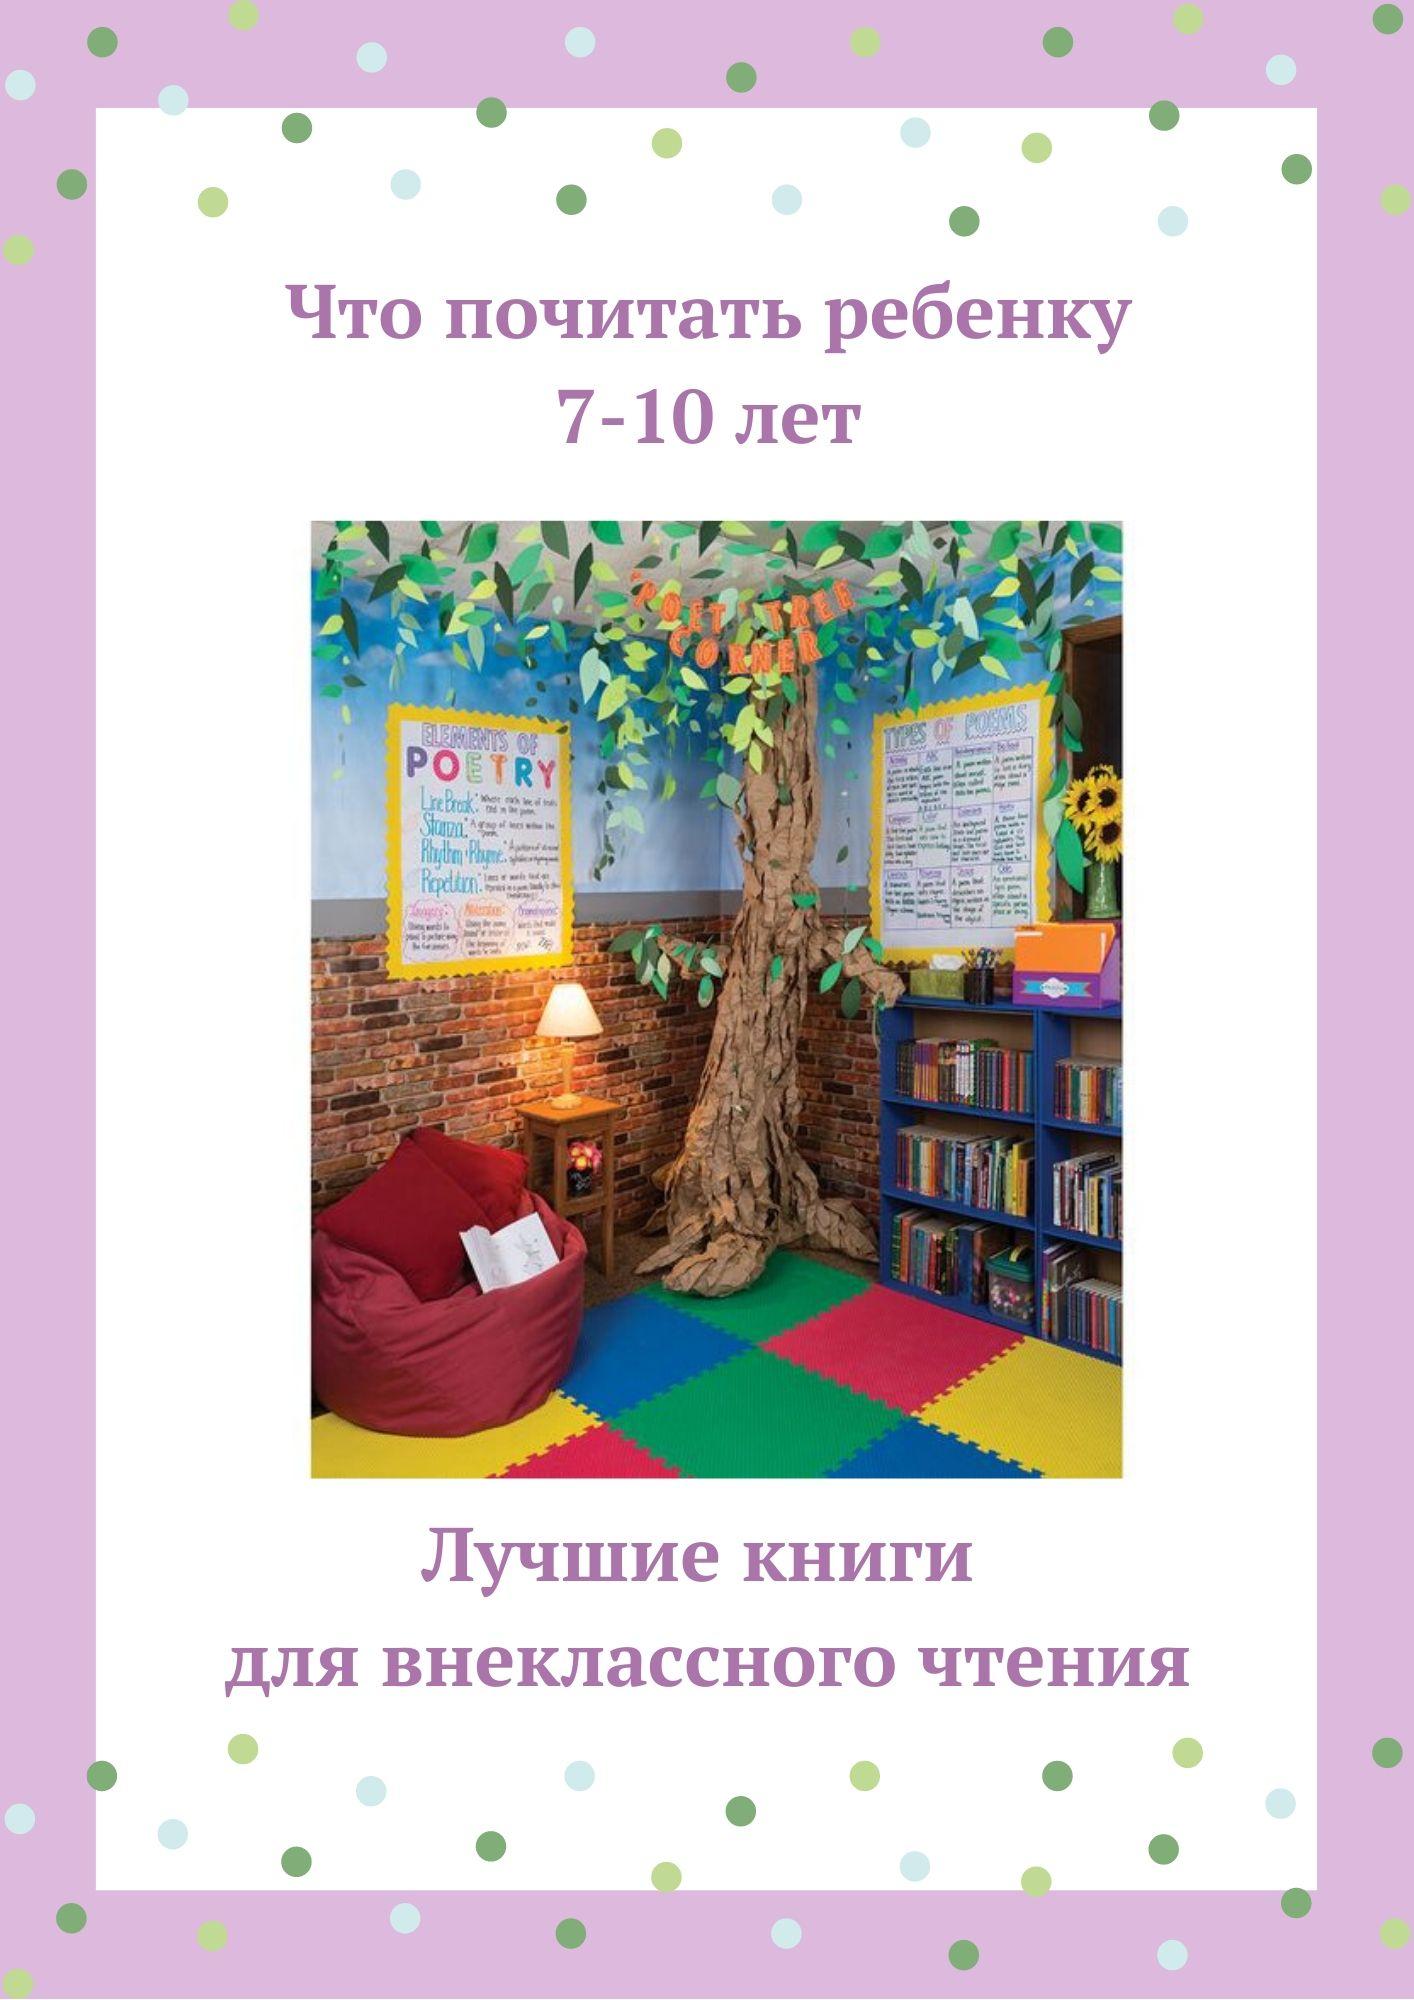 Что почитать ребенку 7,8,9,10 лет. Лучшие книги для внеклассного чтения. Каталог | Мир в слове. Блог о том, как привить ребенку любовь к чтению